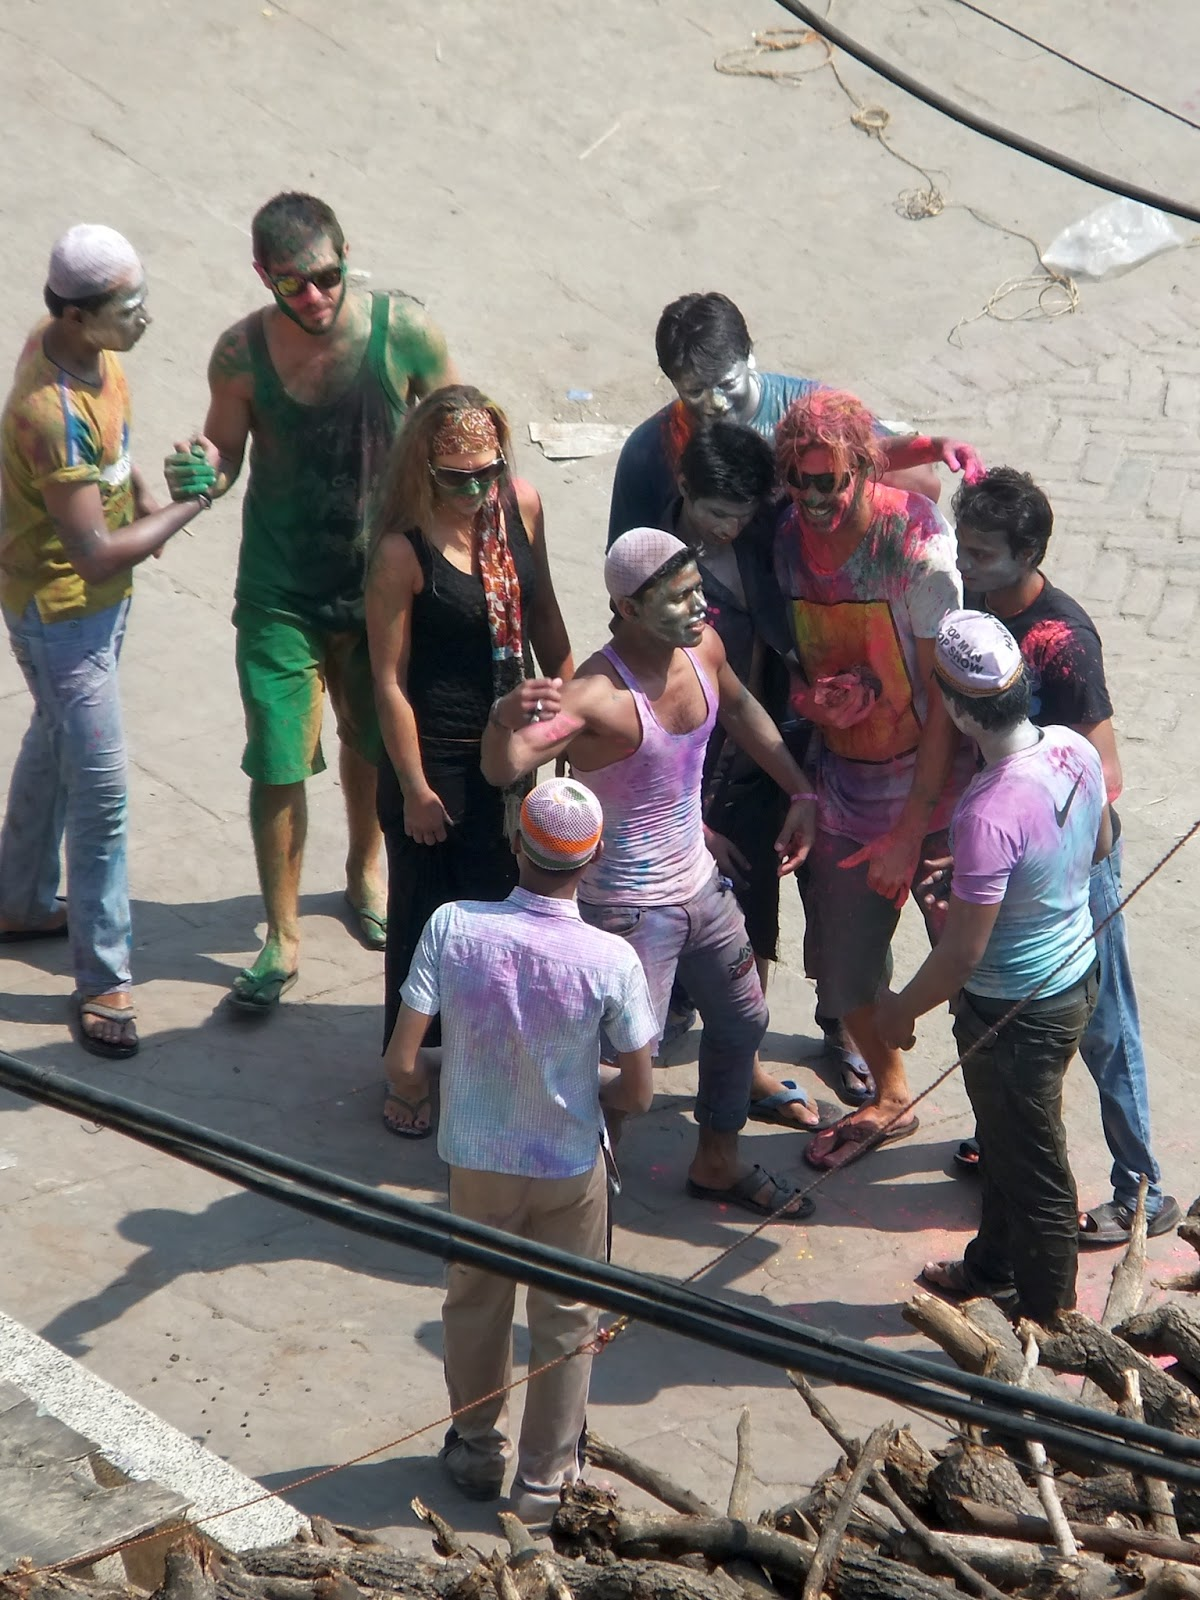 европейцы братаются с индусами в праздник холи